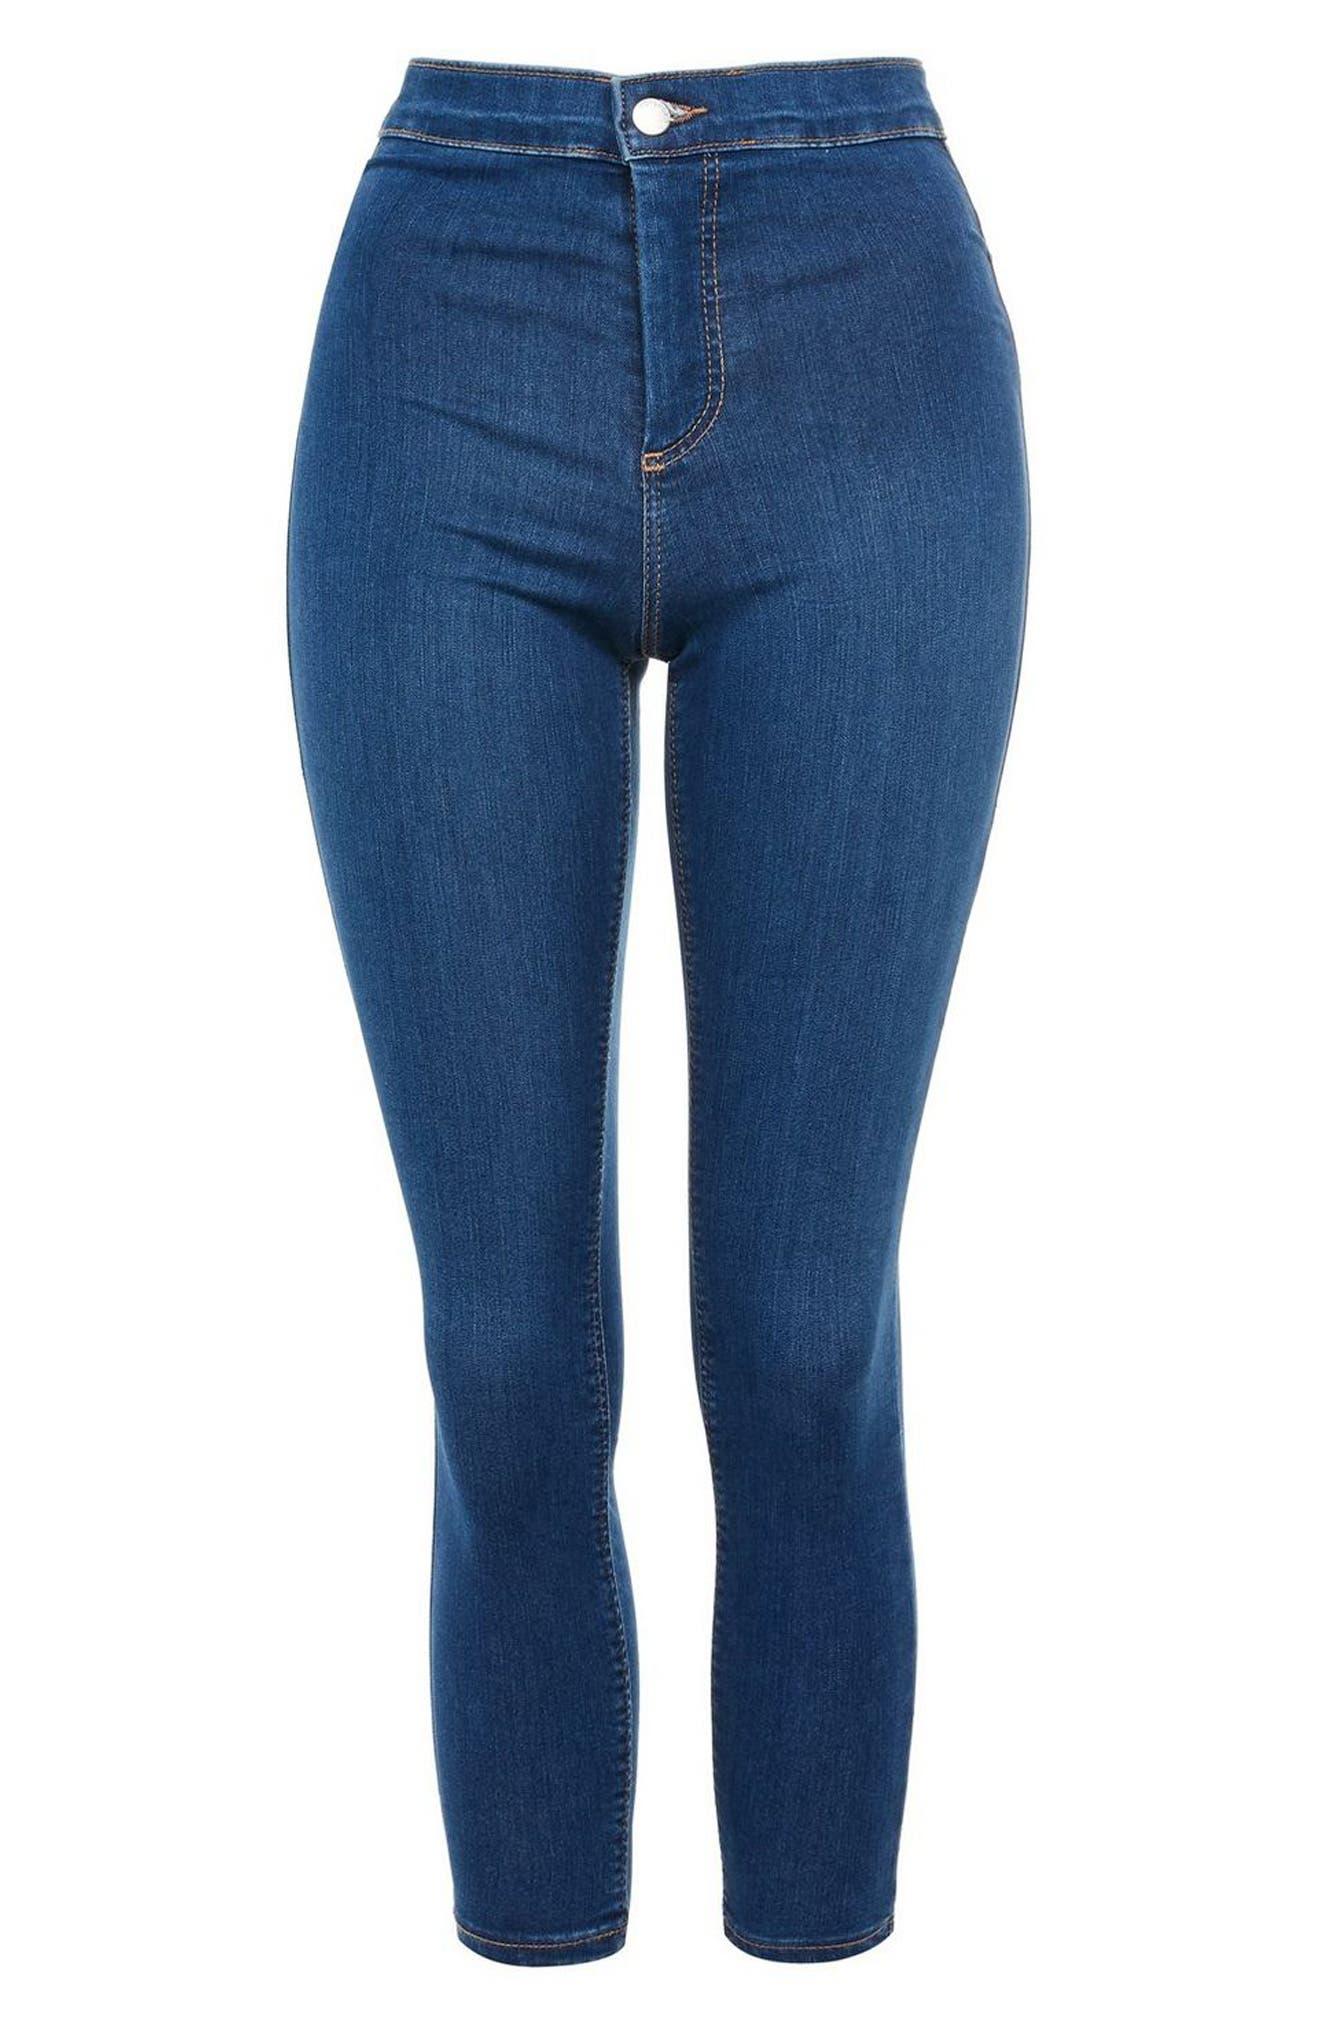 Moto Joni Skinny Jeans,                             Alternate thumbnail 3, color,                             BLUE